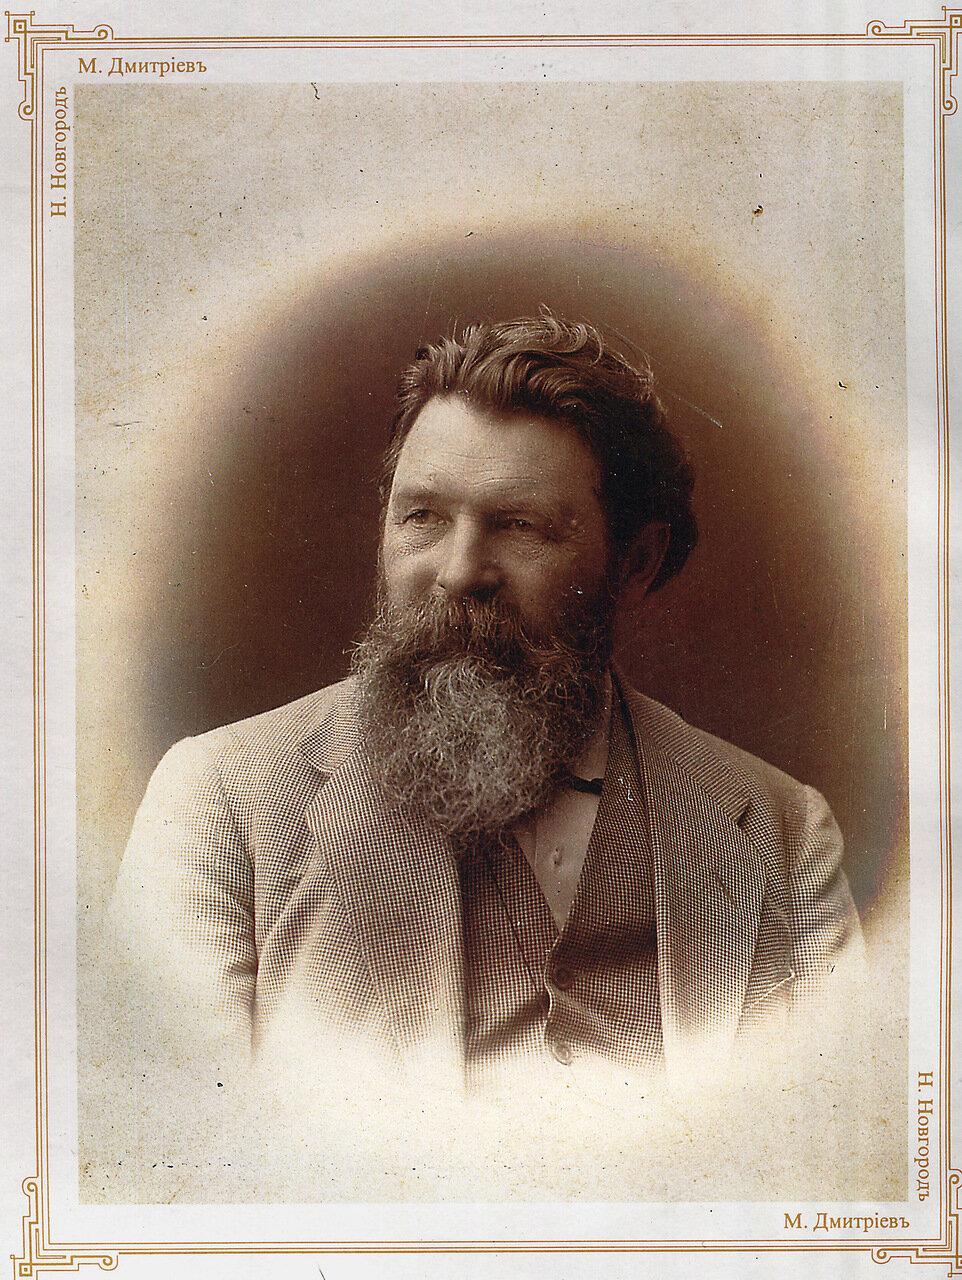 Дмитриев Максим Петрович